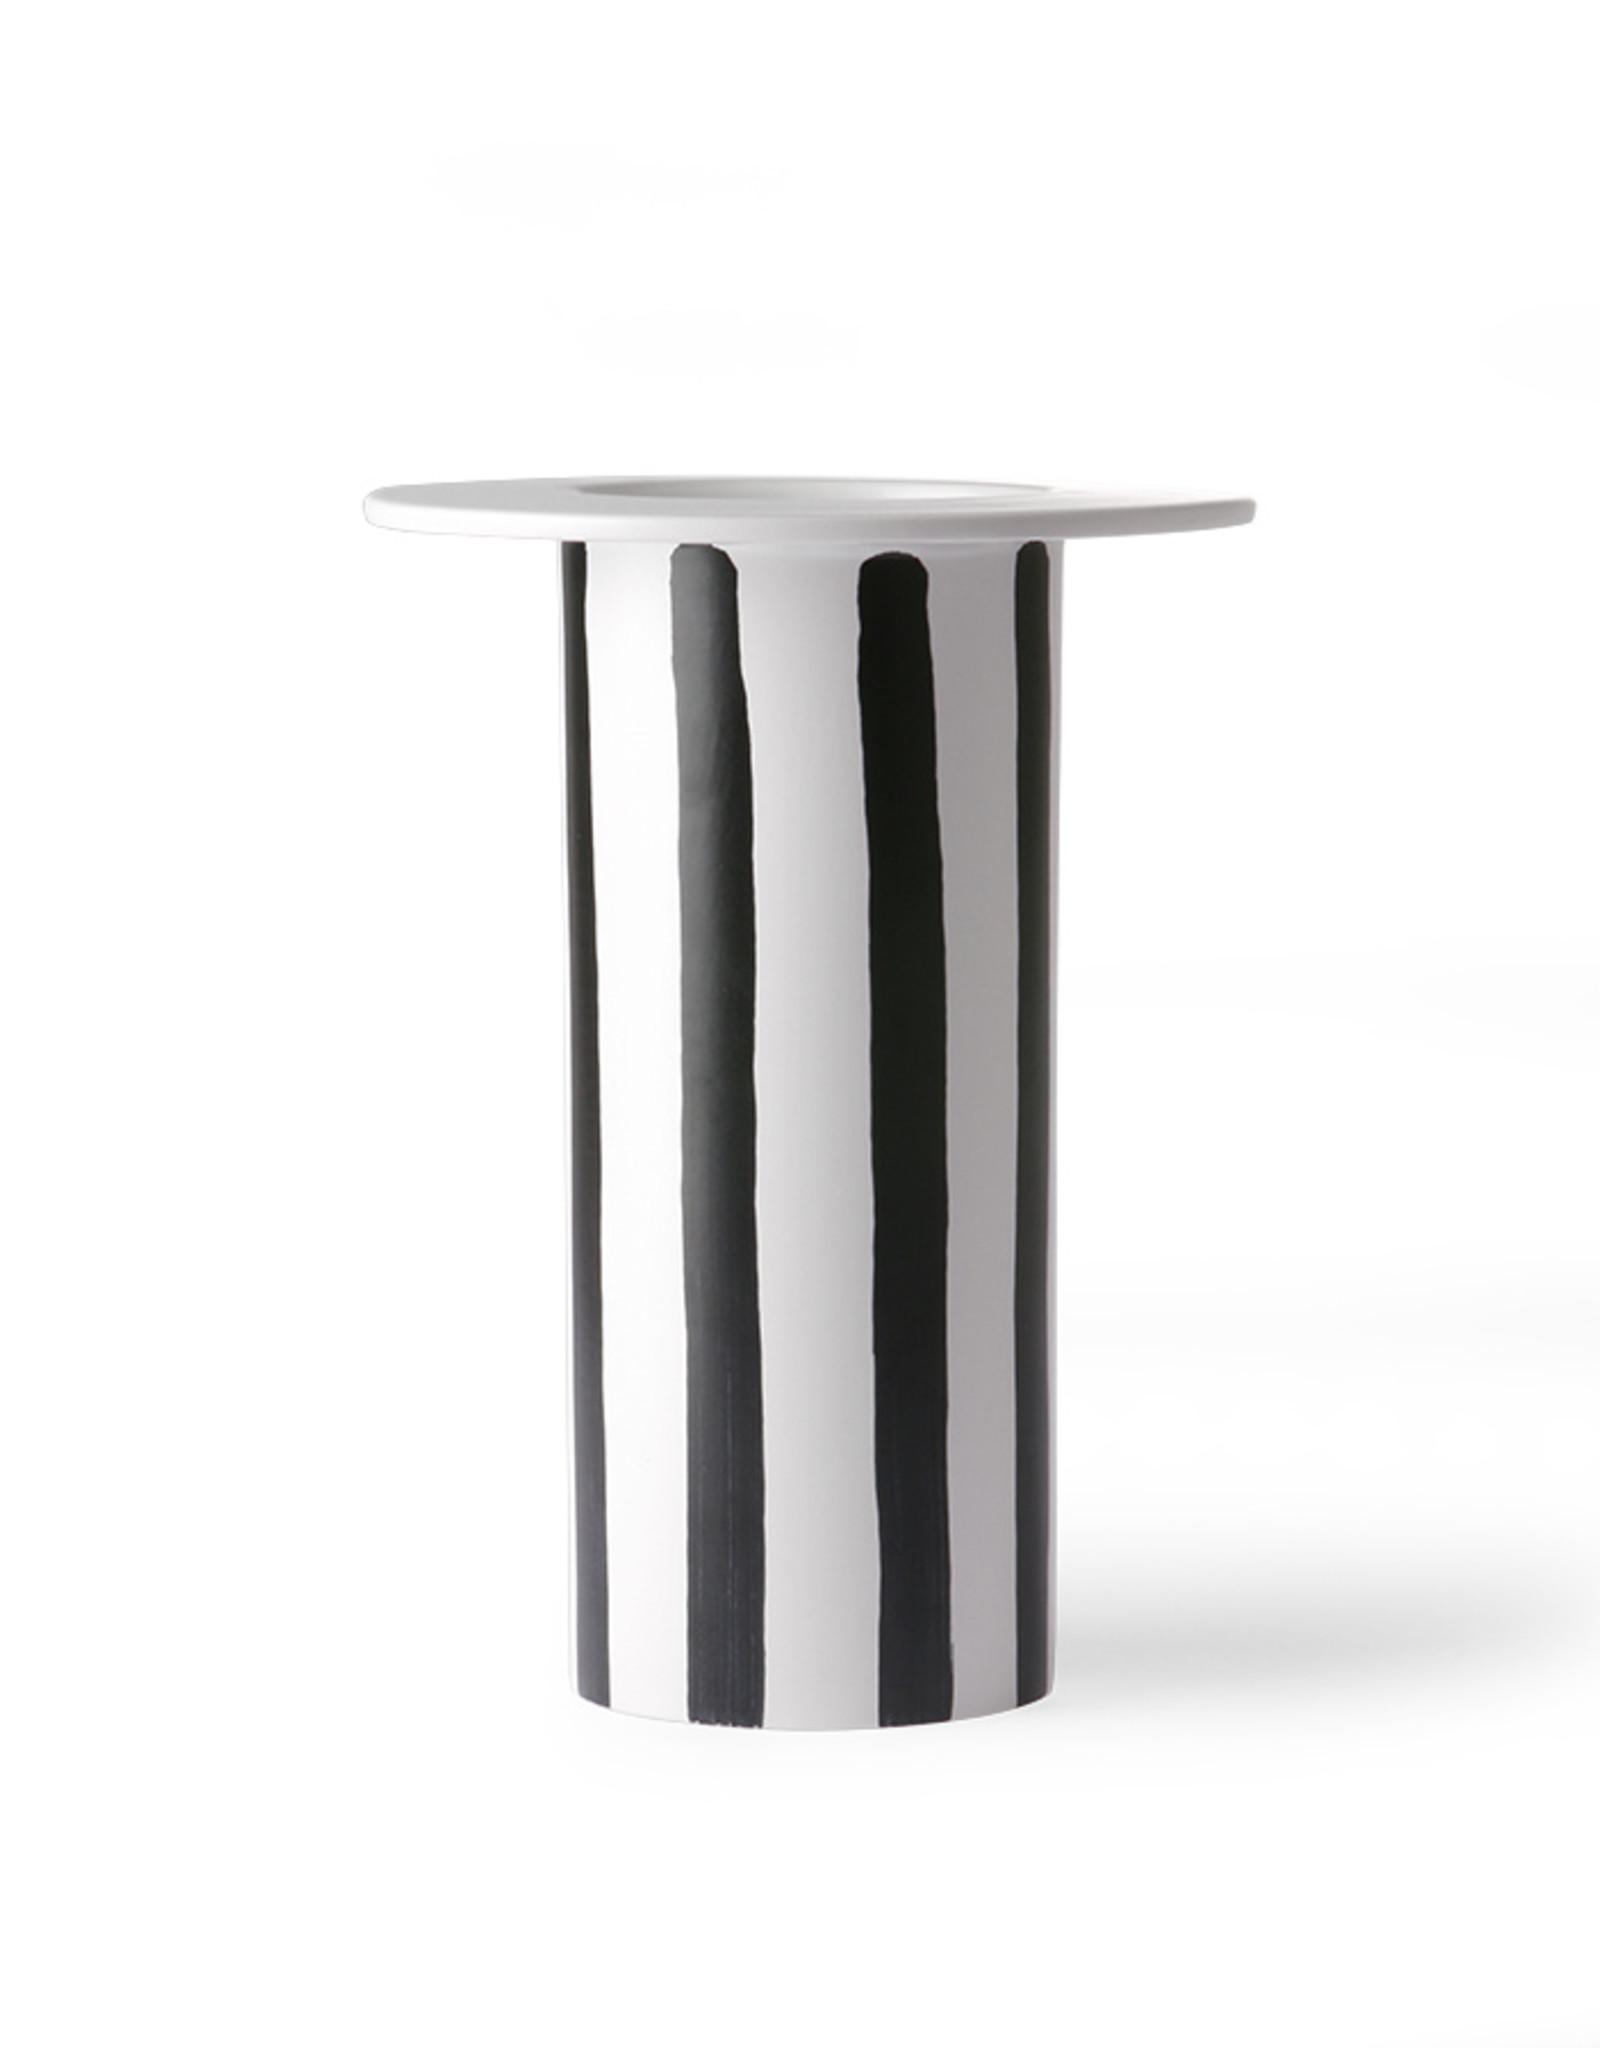 Vaas black/white striped keramiek